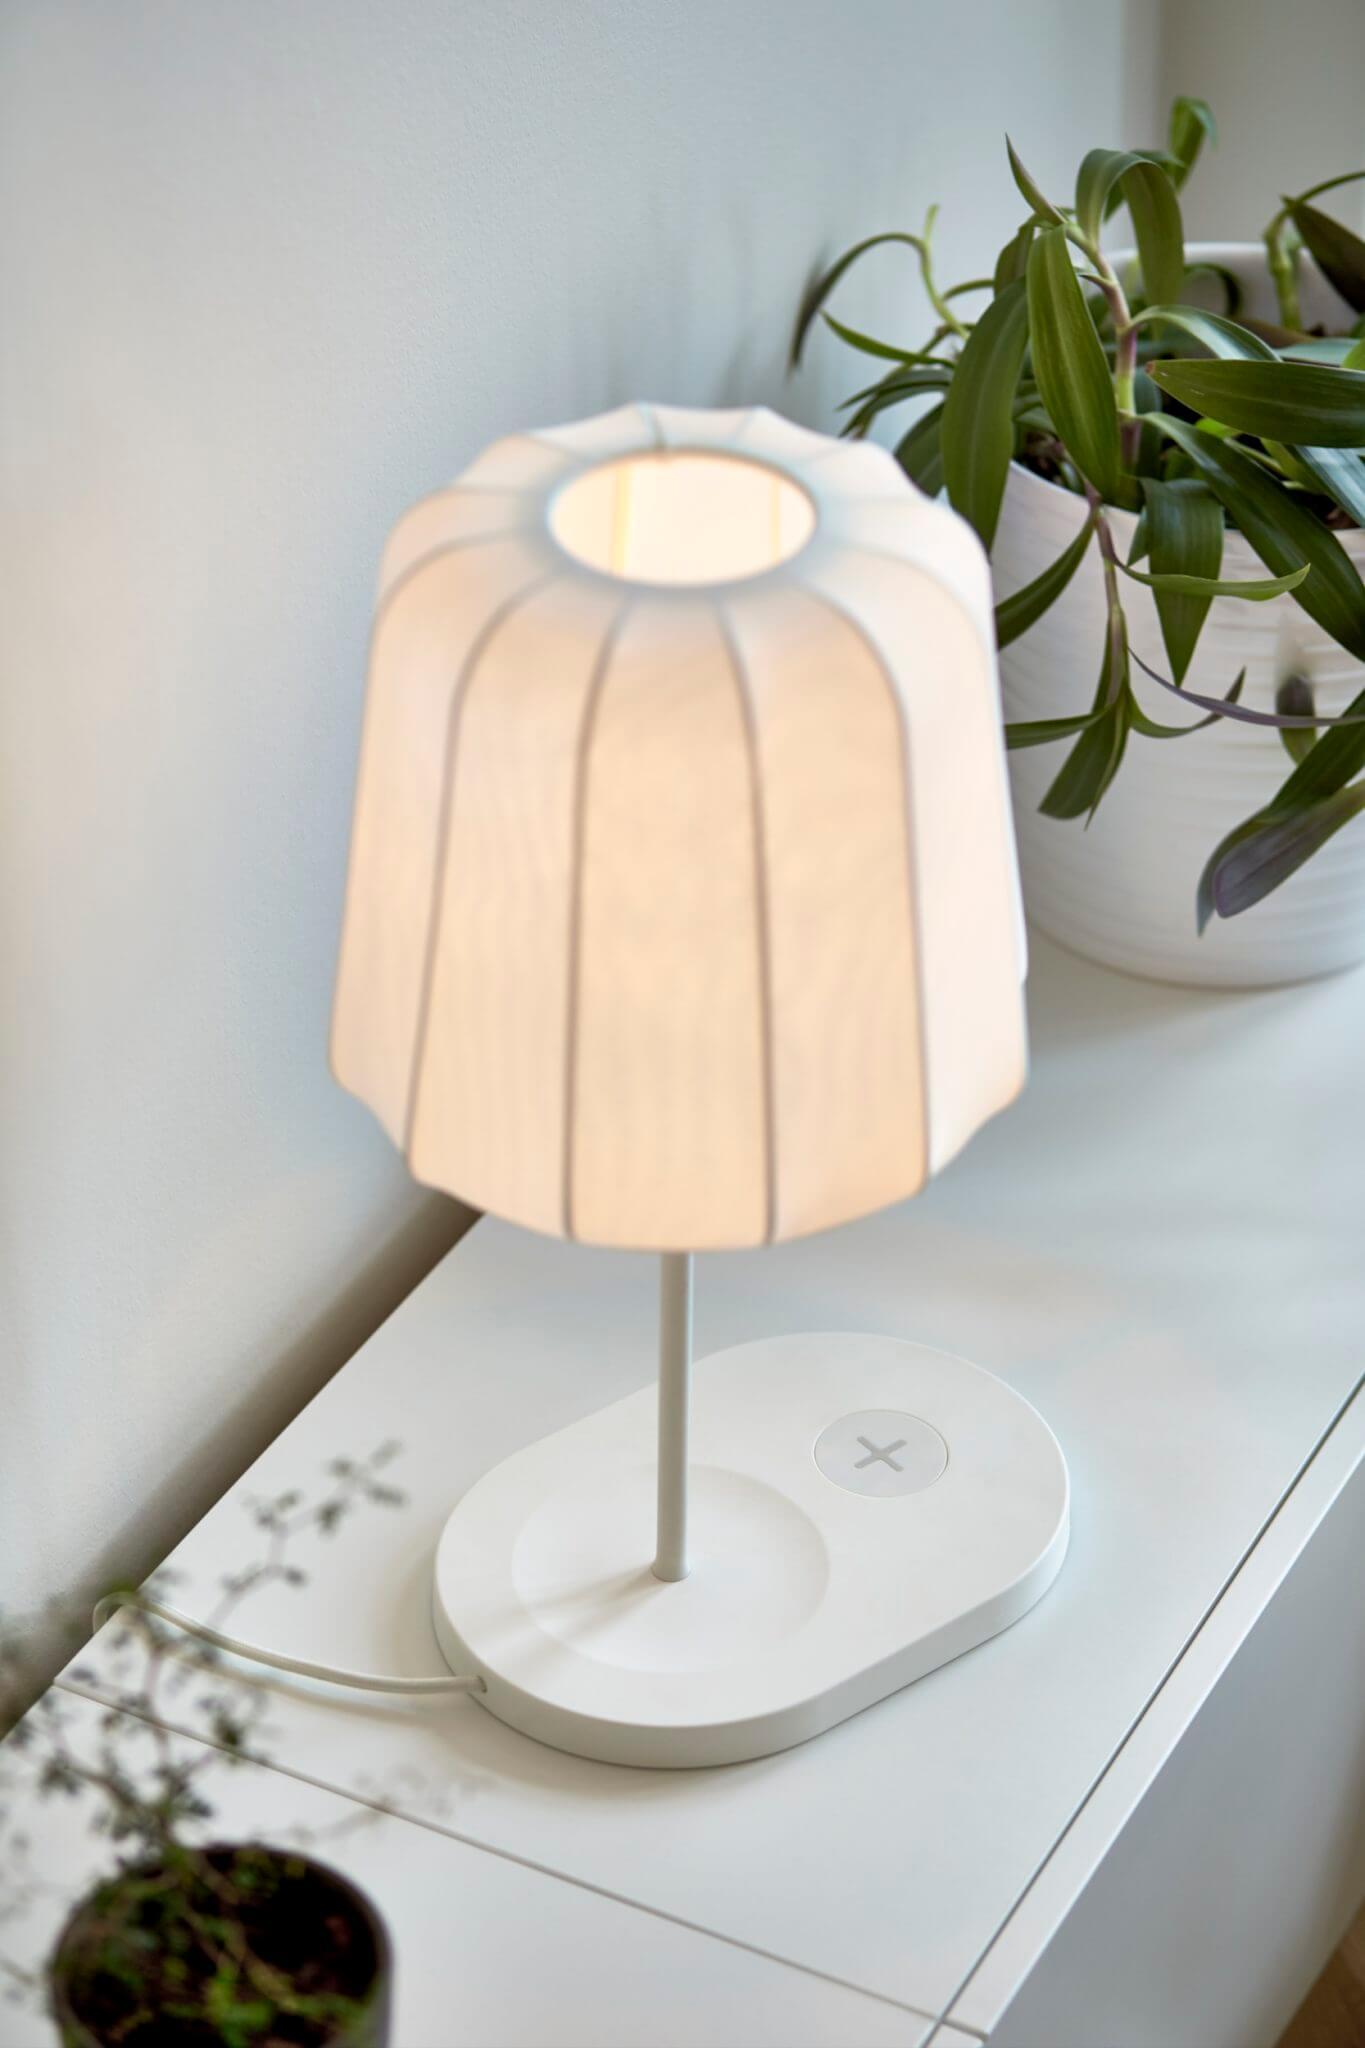 Full Size of Ikea Lampen Und Tische Mit Qi Ladegert Ab April Schlafzimmer Badezimmer Stehlampen Wohnzimmer Deckenlampen Für Modulküche Led Küche Kosten Esstisch Wohnzimmer Ikea Lampen